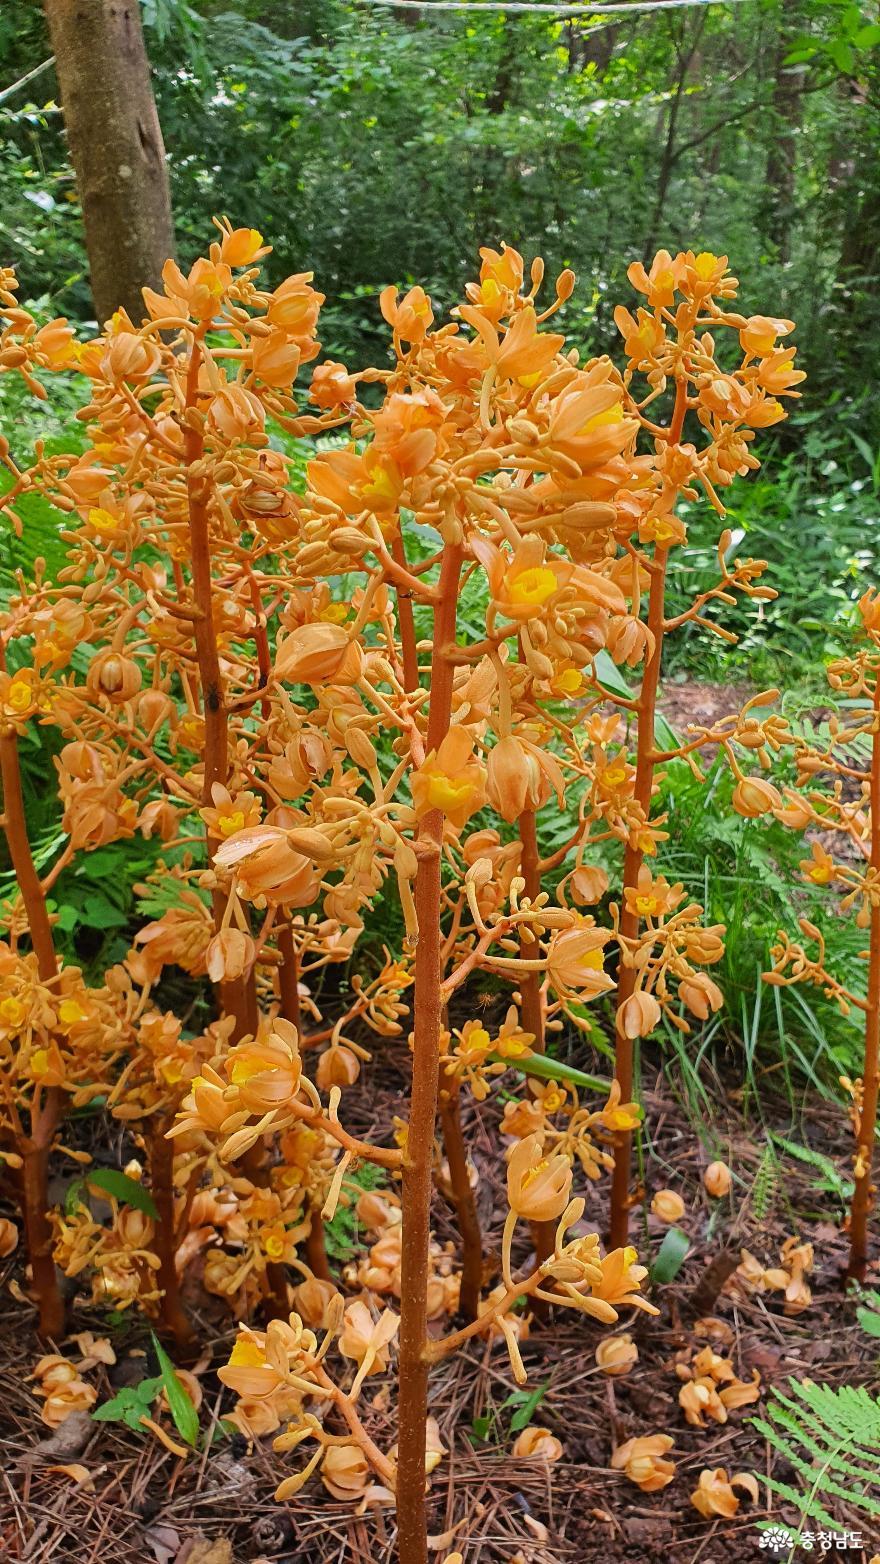 멸종위기 희귀식물 으름난초 꽃 '만개'